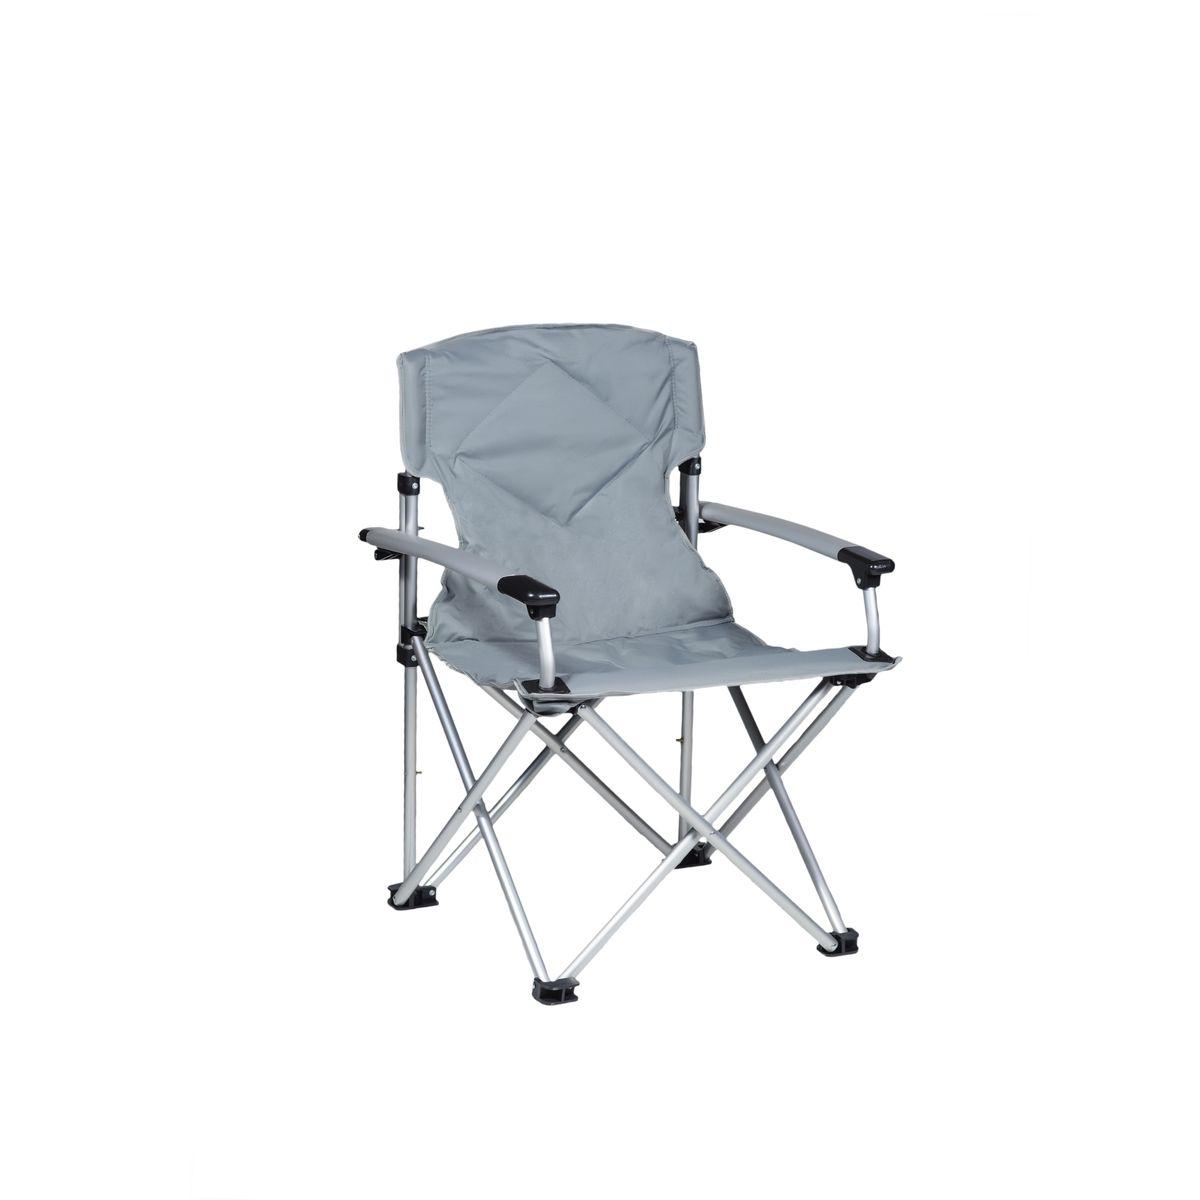 Кресло складное Green Glade M2306, 65 см х 66 см х 95 смK100Складное кресло Green Glade M2306 предназначено для создания комфортных условий в туристических походах, рыбалке и кемпинге.Особенности:Компактная складная конструкция.Прочный стальной каркас 25/21,5 мм.Прочный полиэстер + ПВХ с набивкой из пеноматериала.Пластиковые подлокотники.Чехол для переноски и хранения.